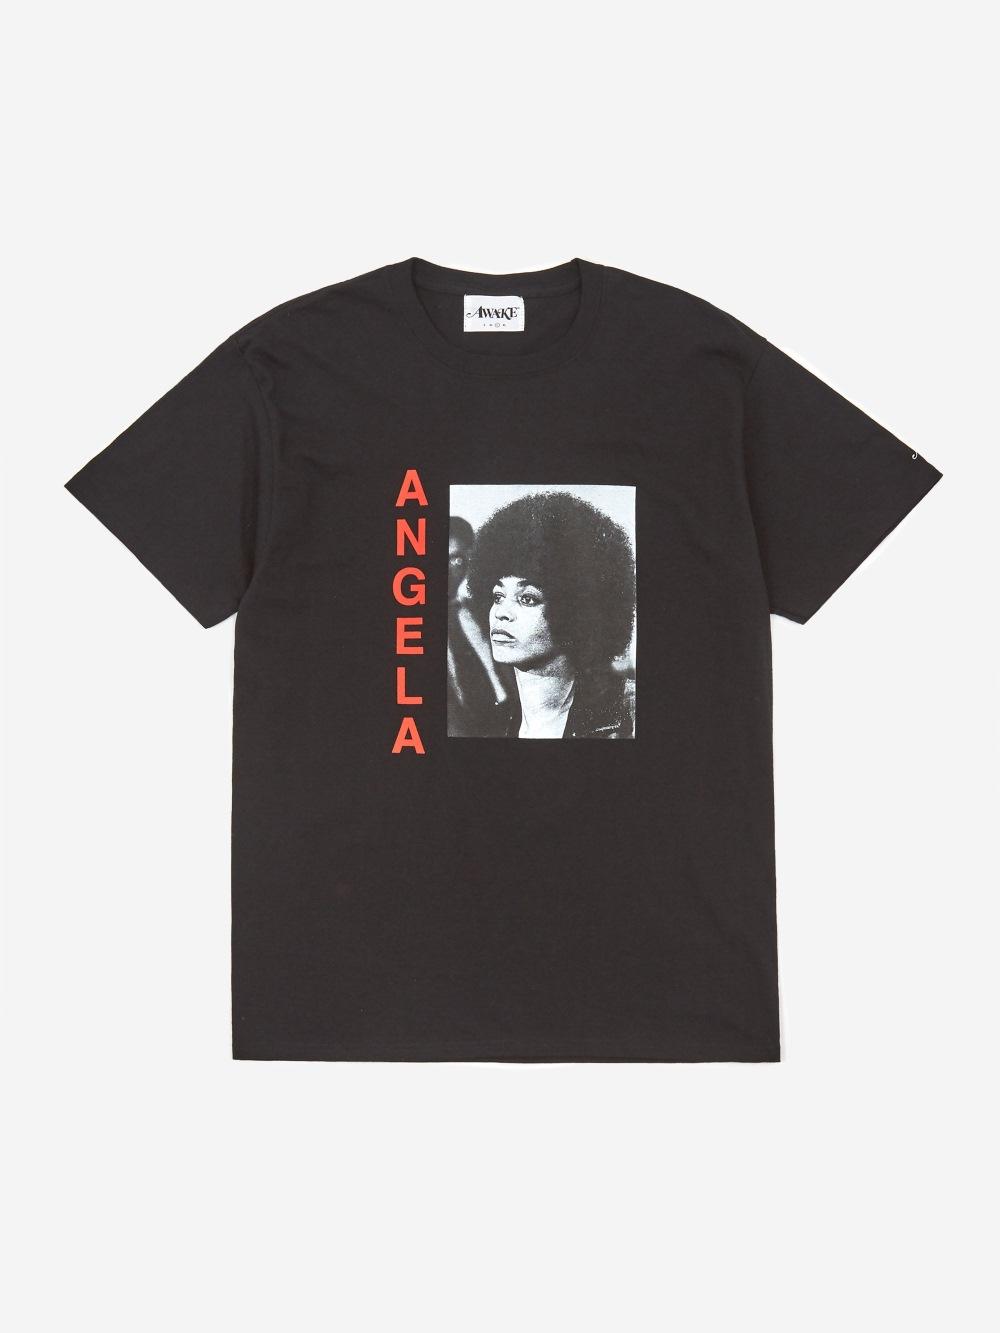 Awake Angela Davis T shirt Black